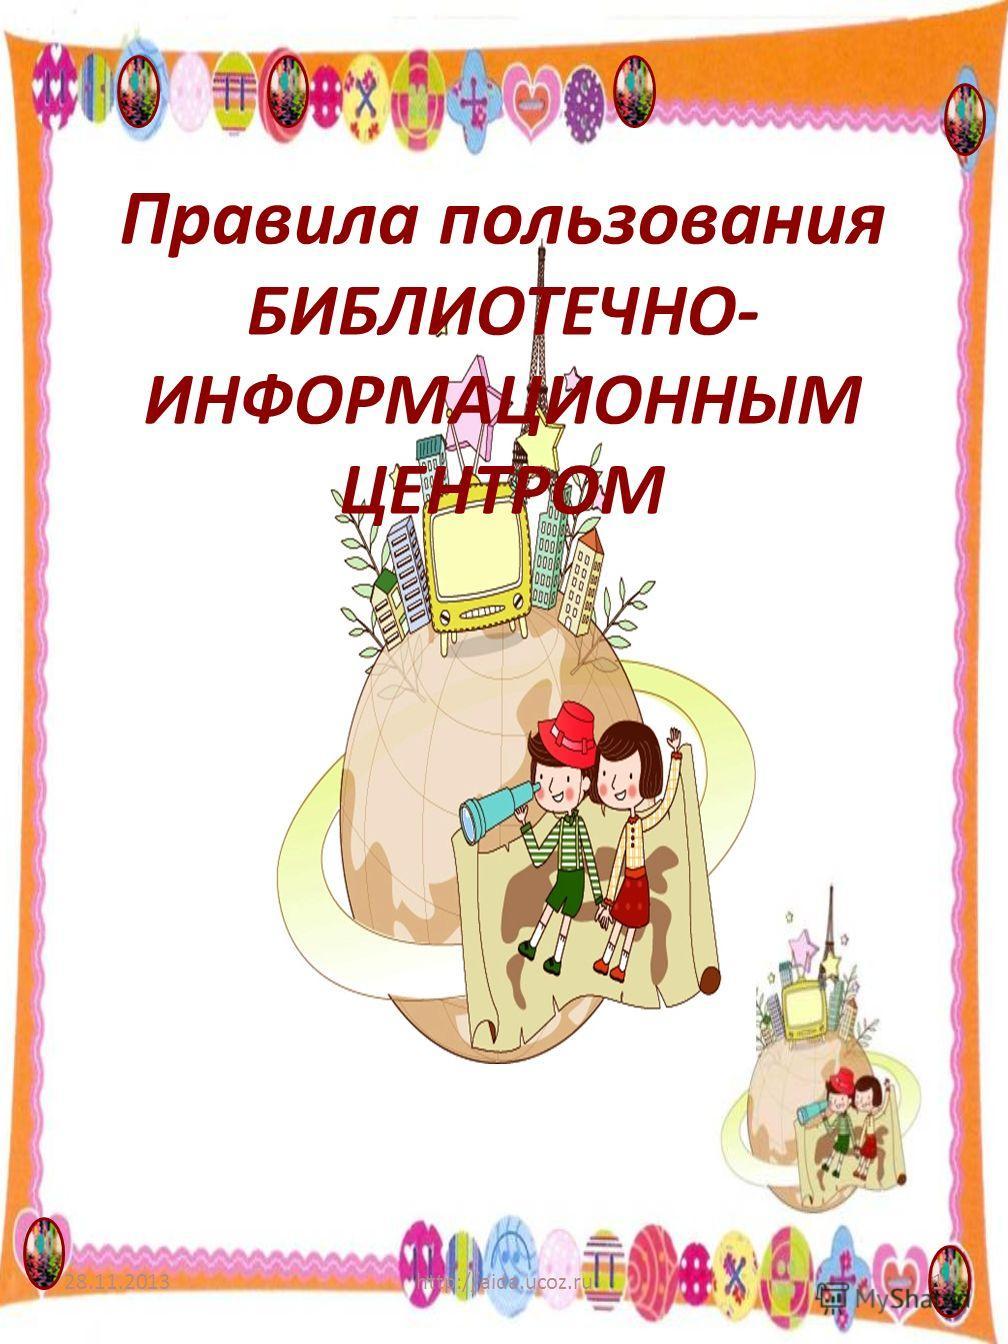 Правила пользования БИБЛИОТЕЧНО- ИНФОРМАЦИОННЫМ ЦЕНТРОМ 28.11.20131http://aida.ucoz.ru